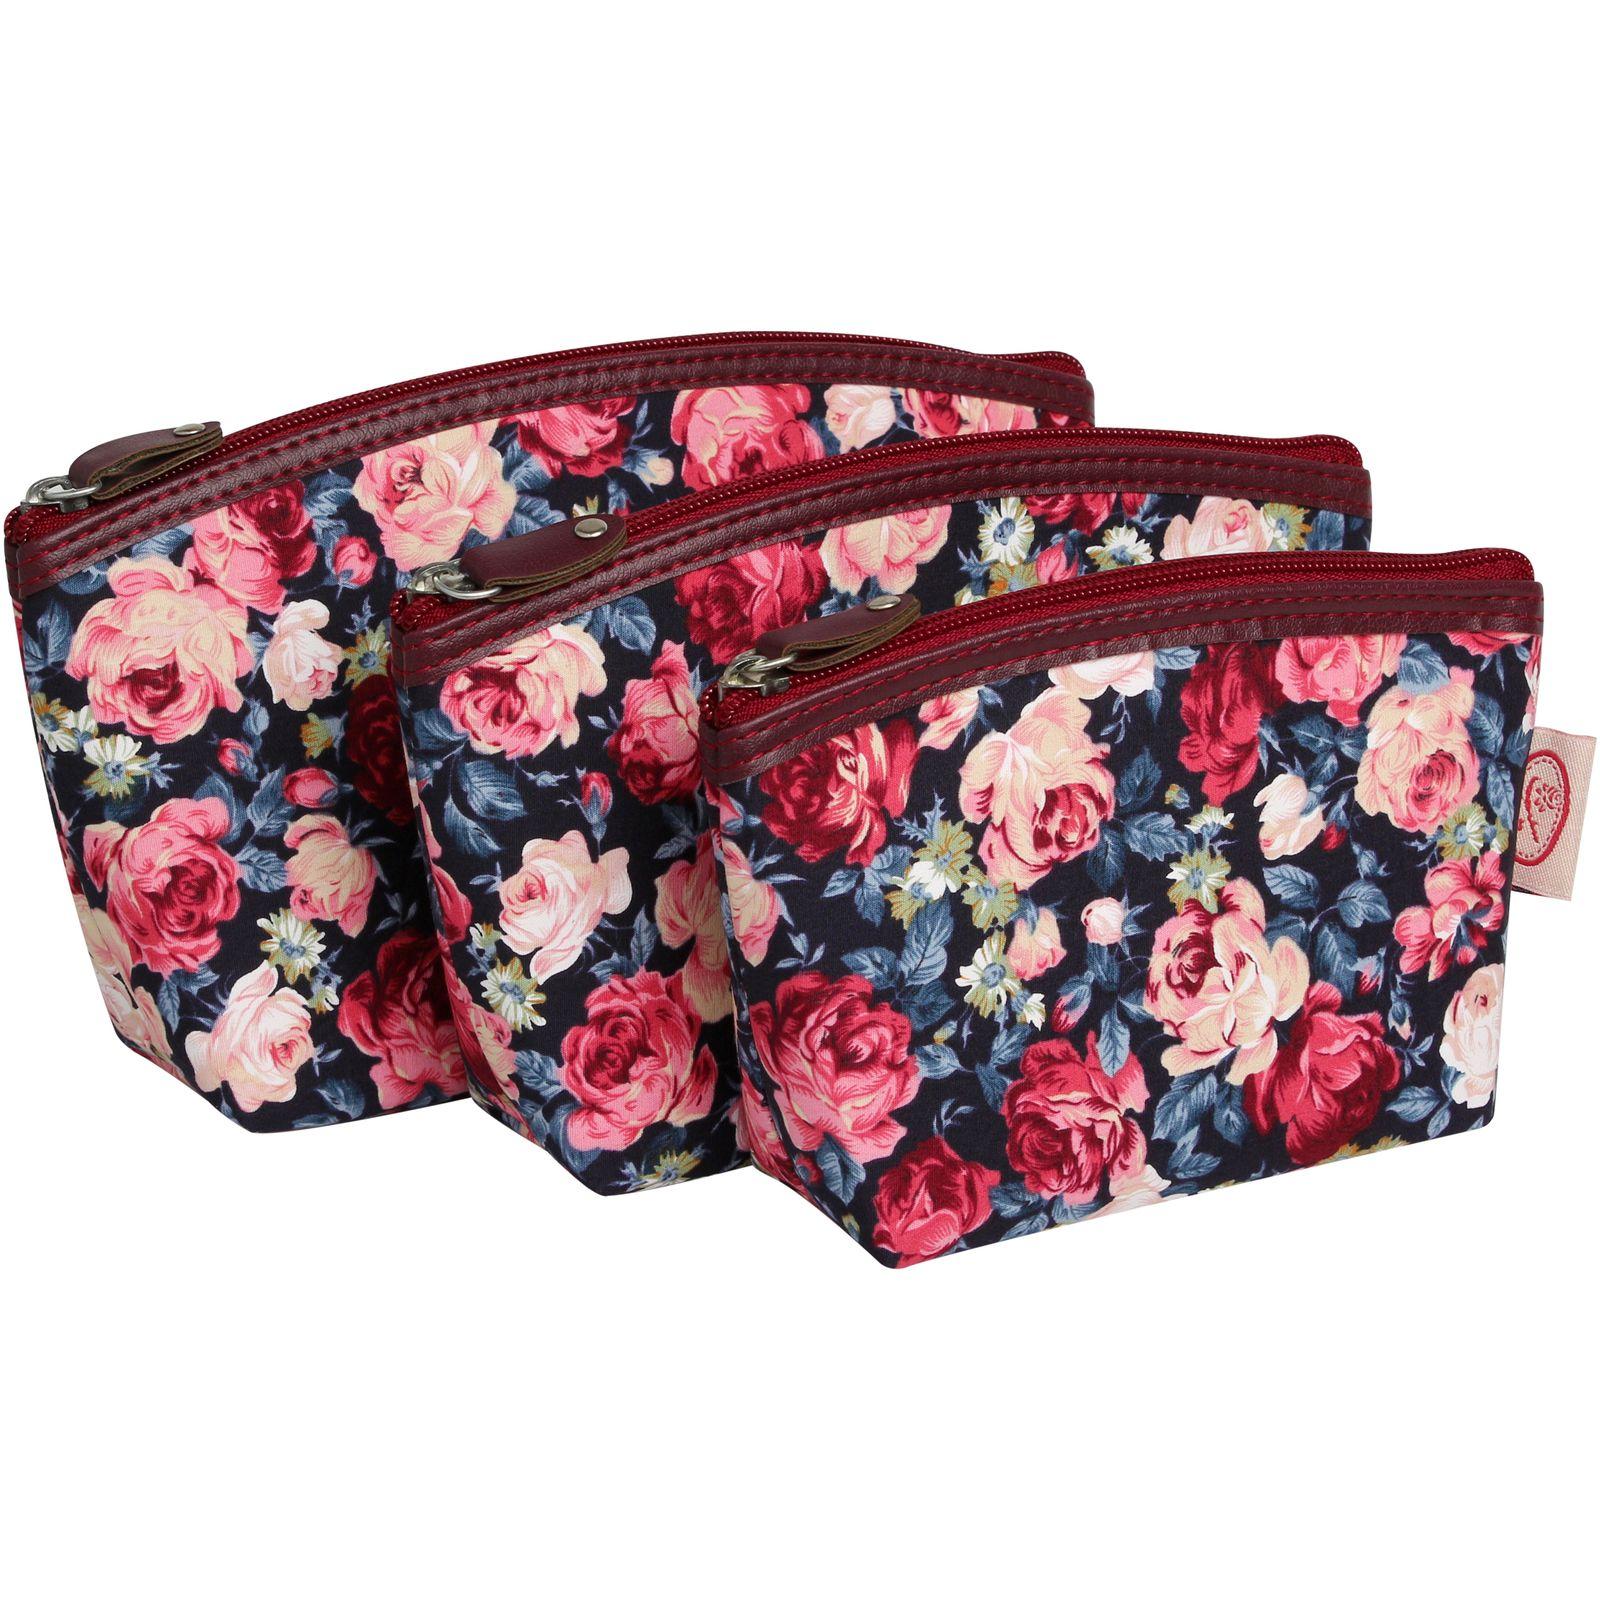 کیف لوازم آرایش زنانه سیب کد 15-Bgf مجموعه 3 عددی -  - 2